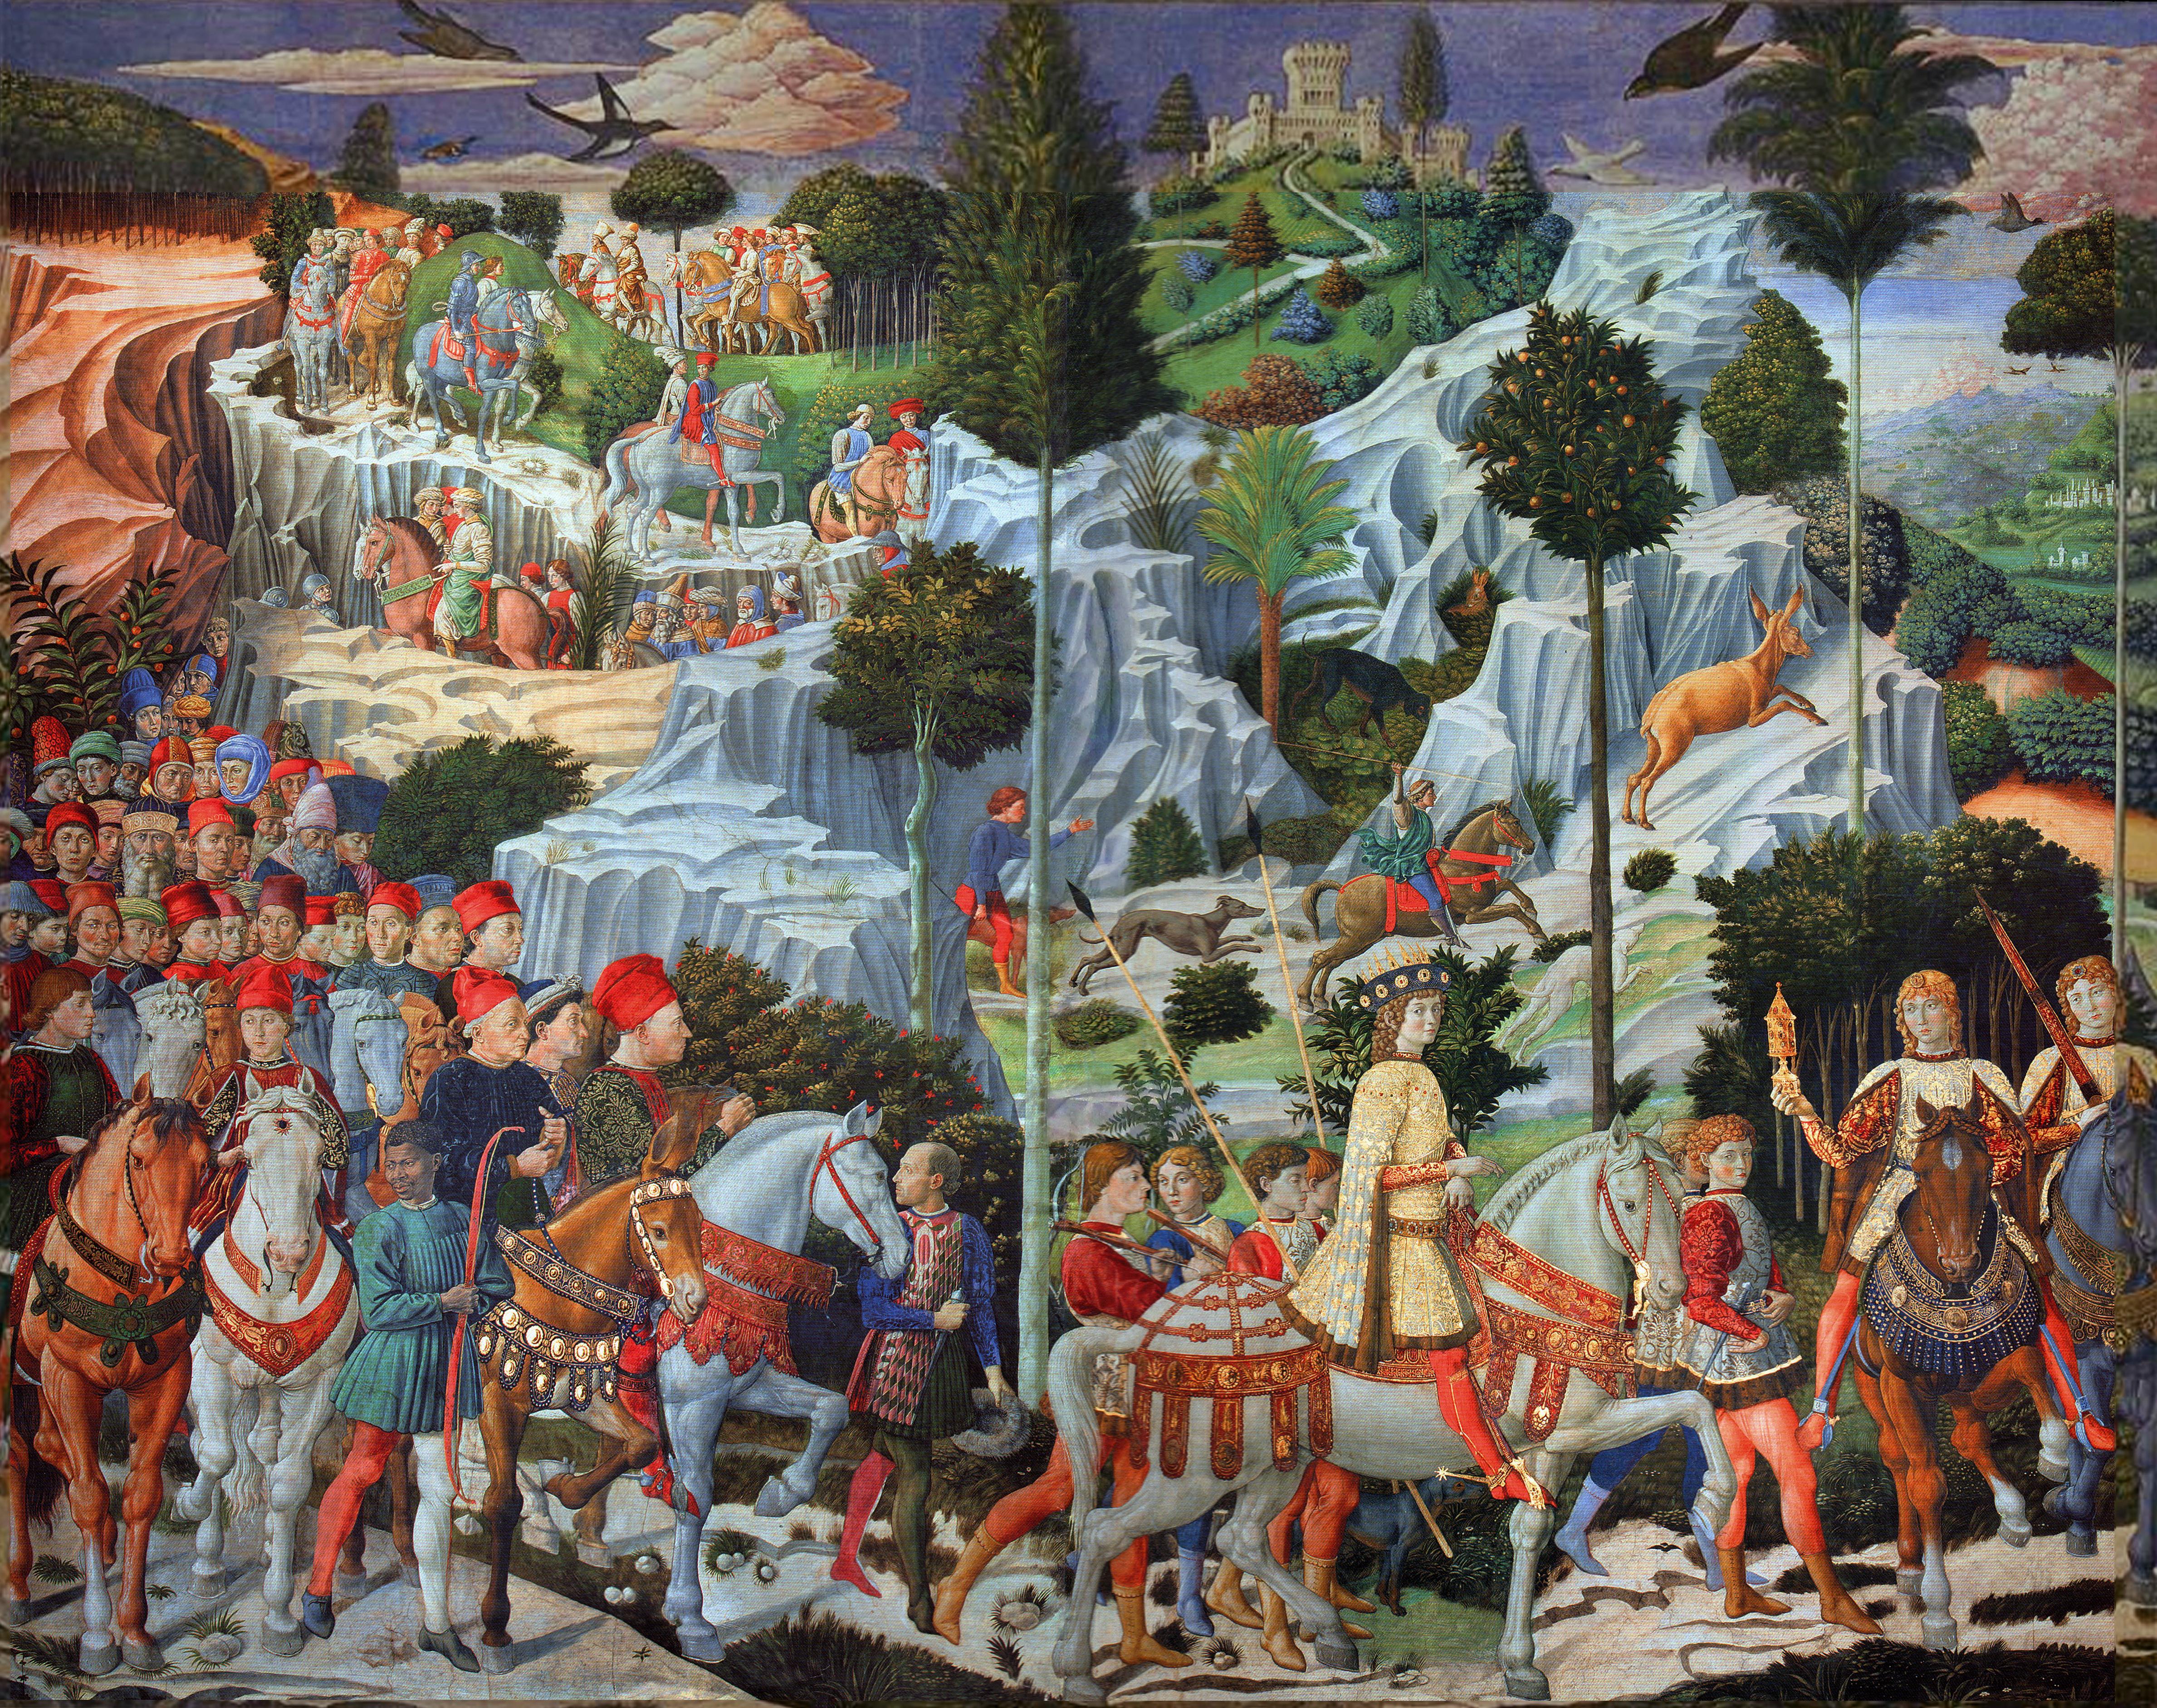 اثری از گوتزولی که به افتخار خاندان مدیچی کشیده شدهاست و بعضی از اعضای آن را نشان میدهد. ۱۴۵۹–۱۴۶۱، فلورانس، کاخ خاندان مدیچی.